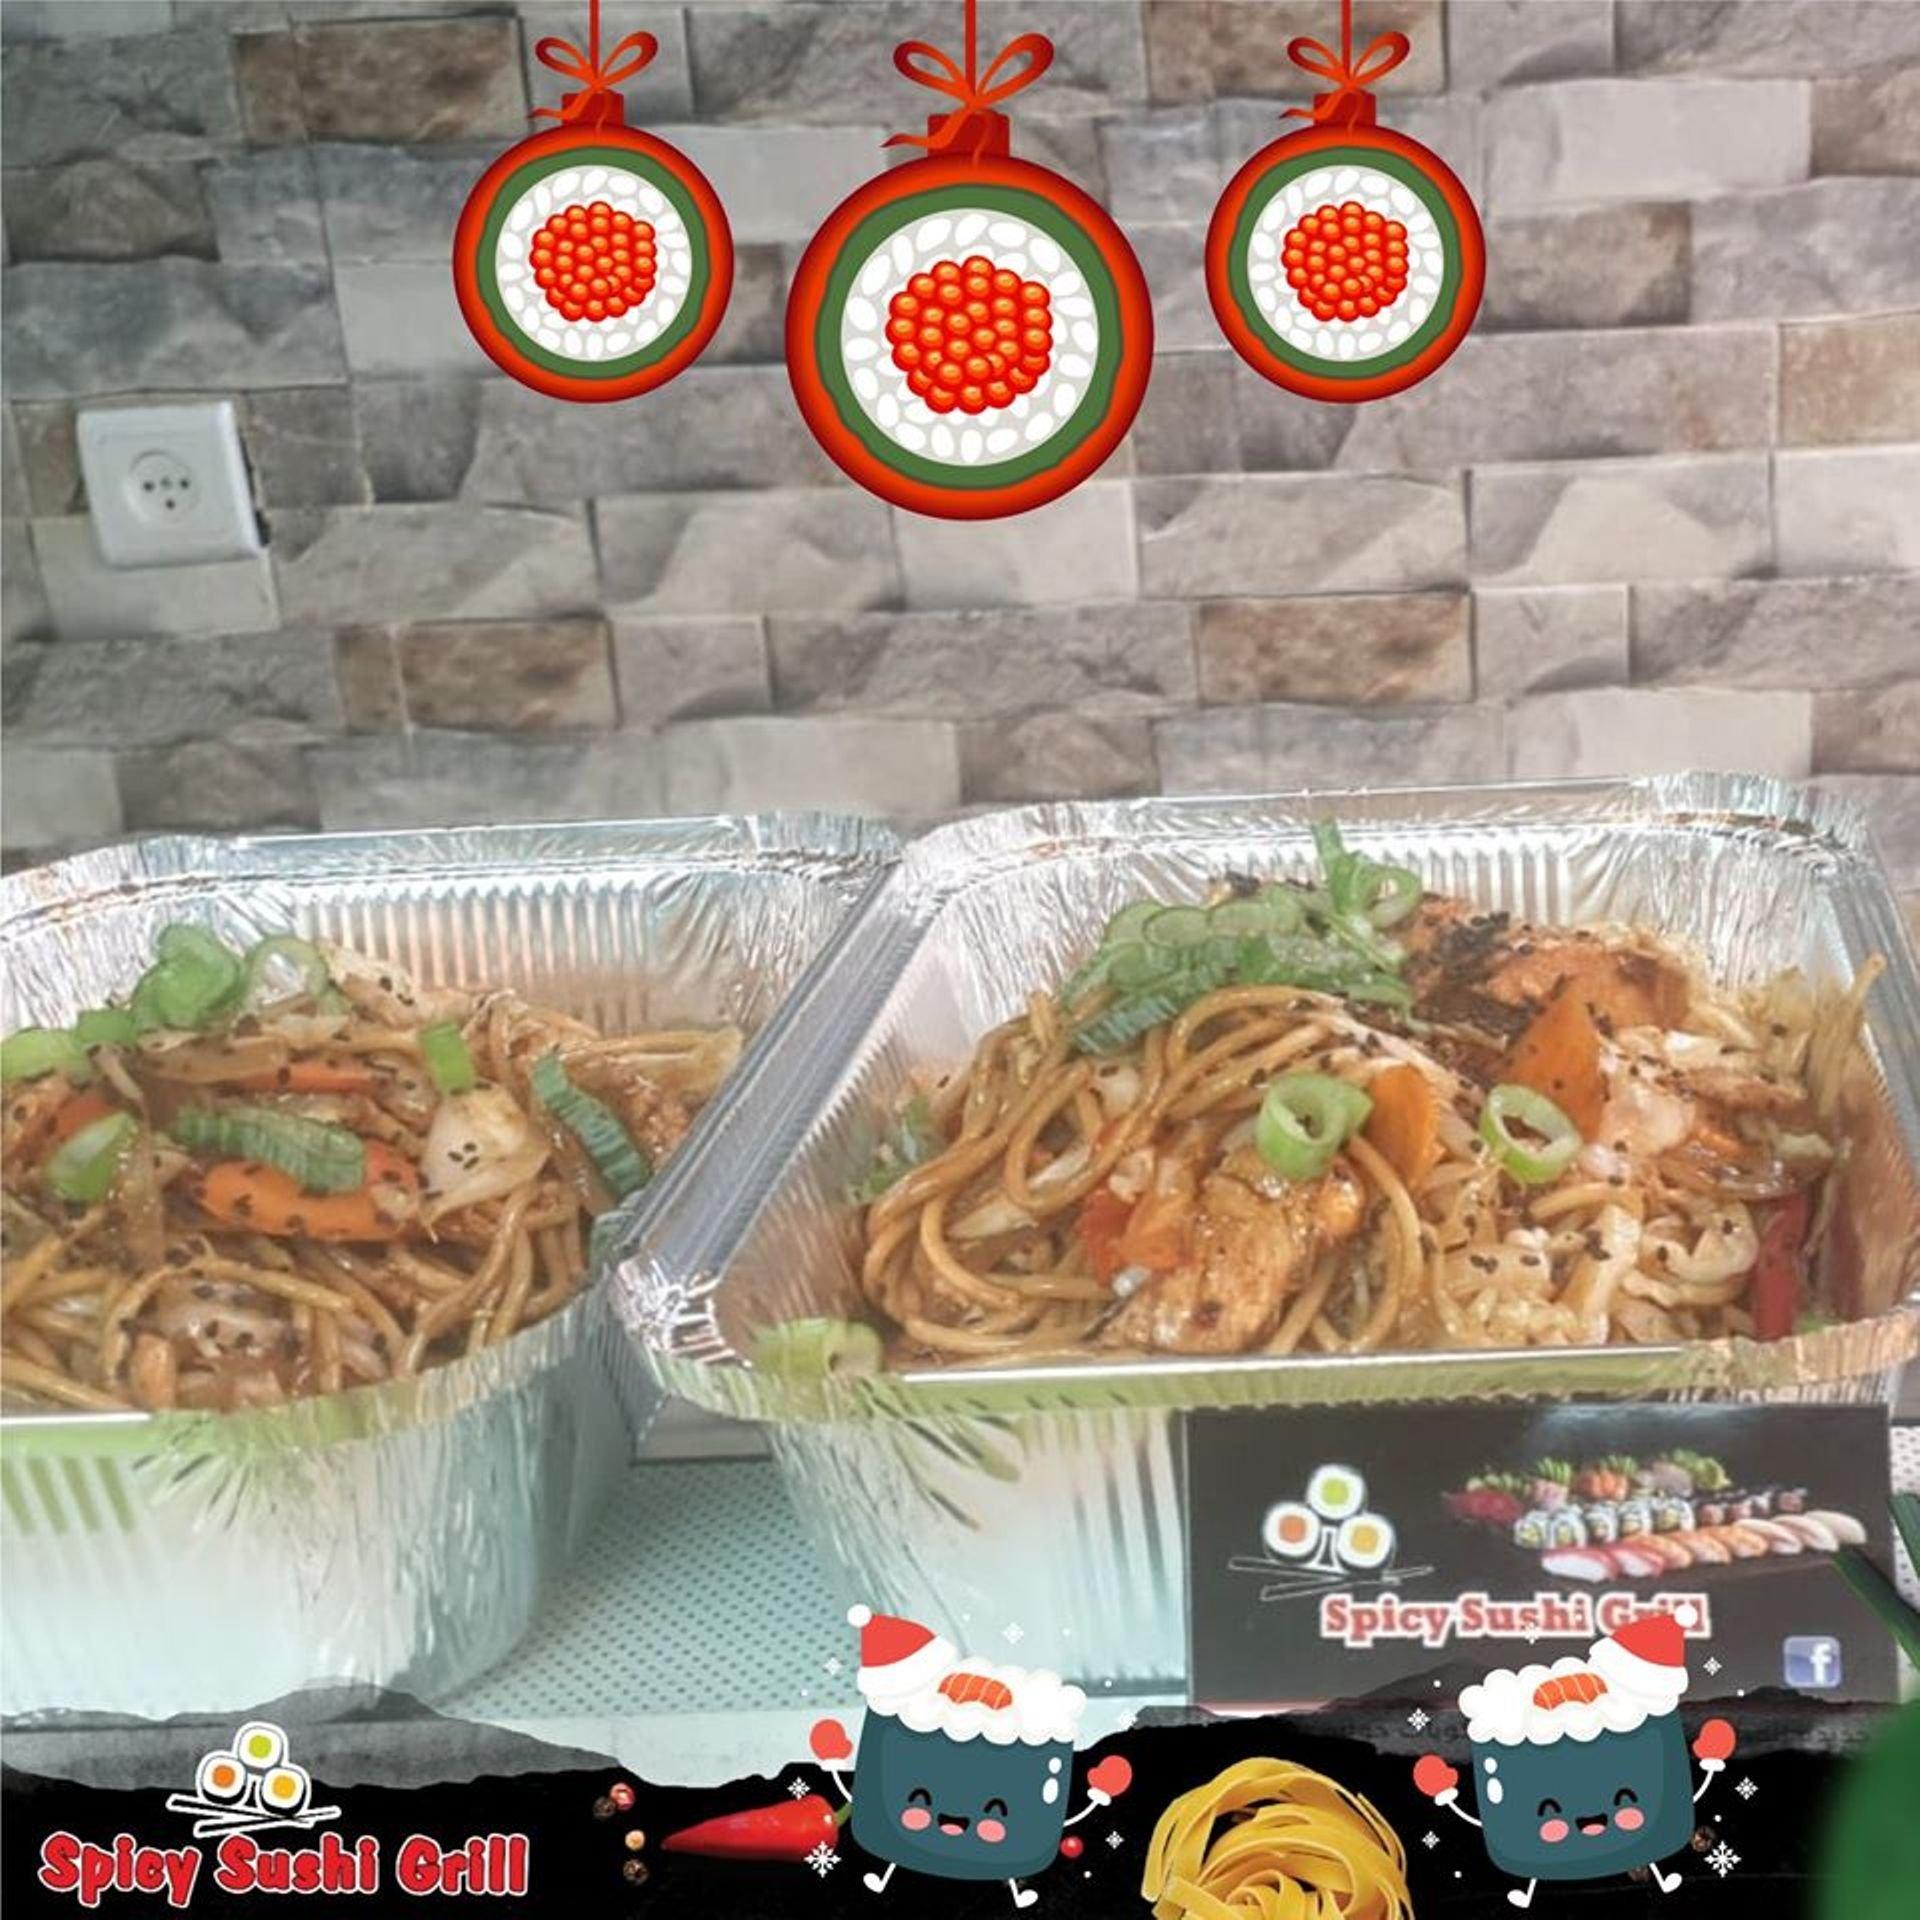 5 Spicy sushi Grill תְמוּנָה